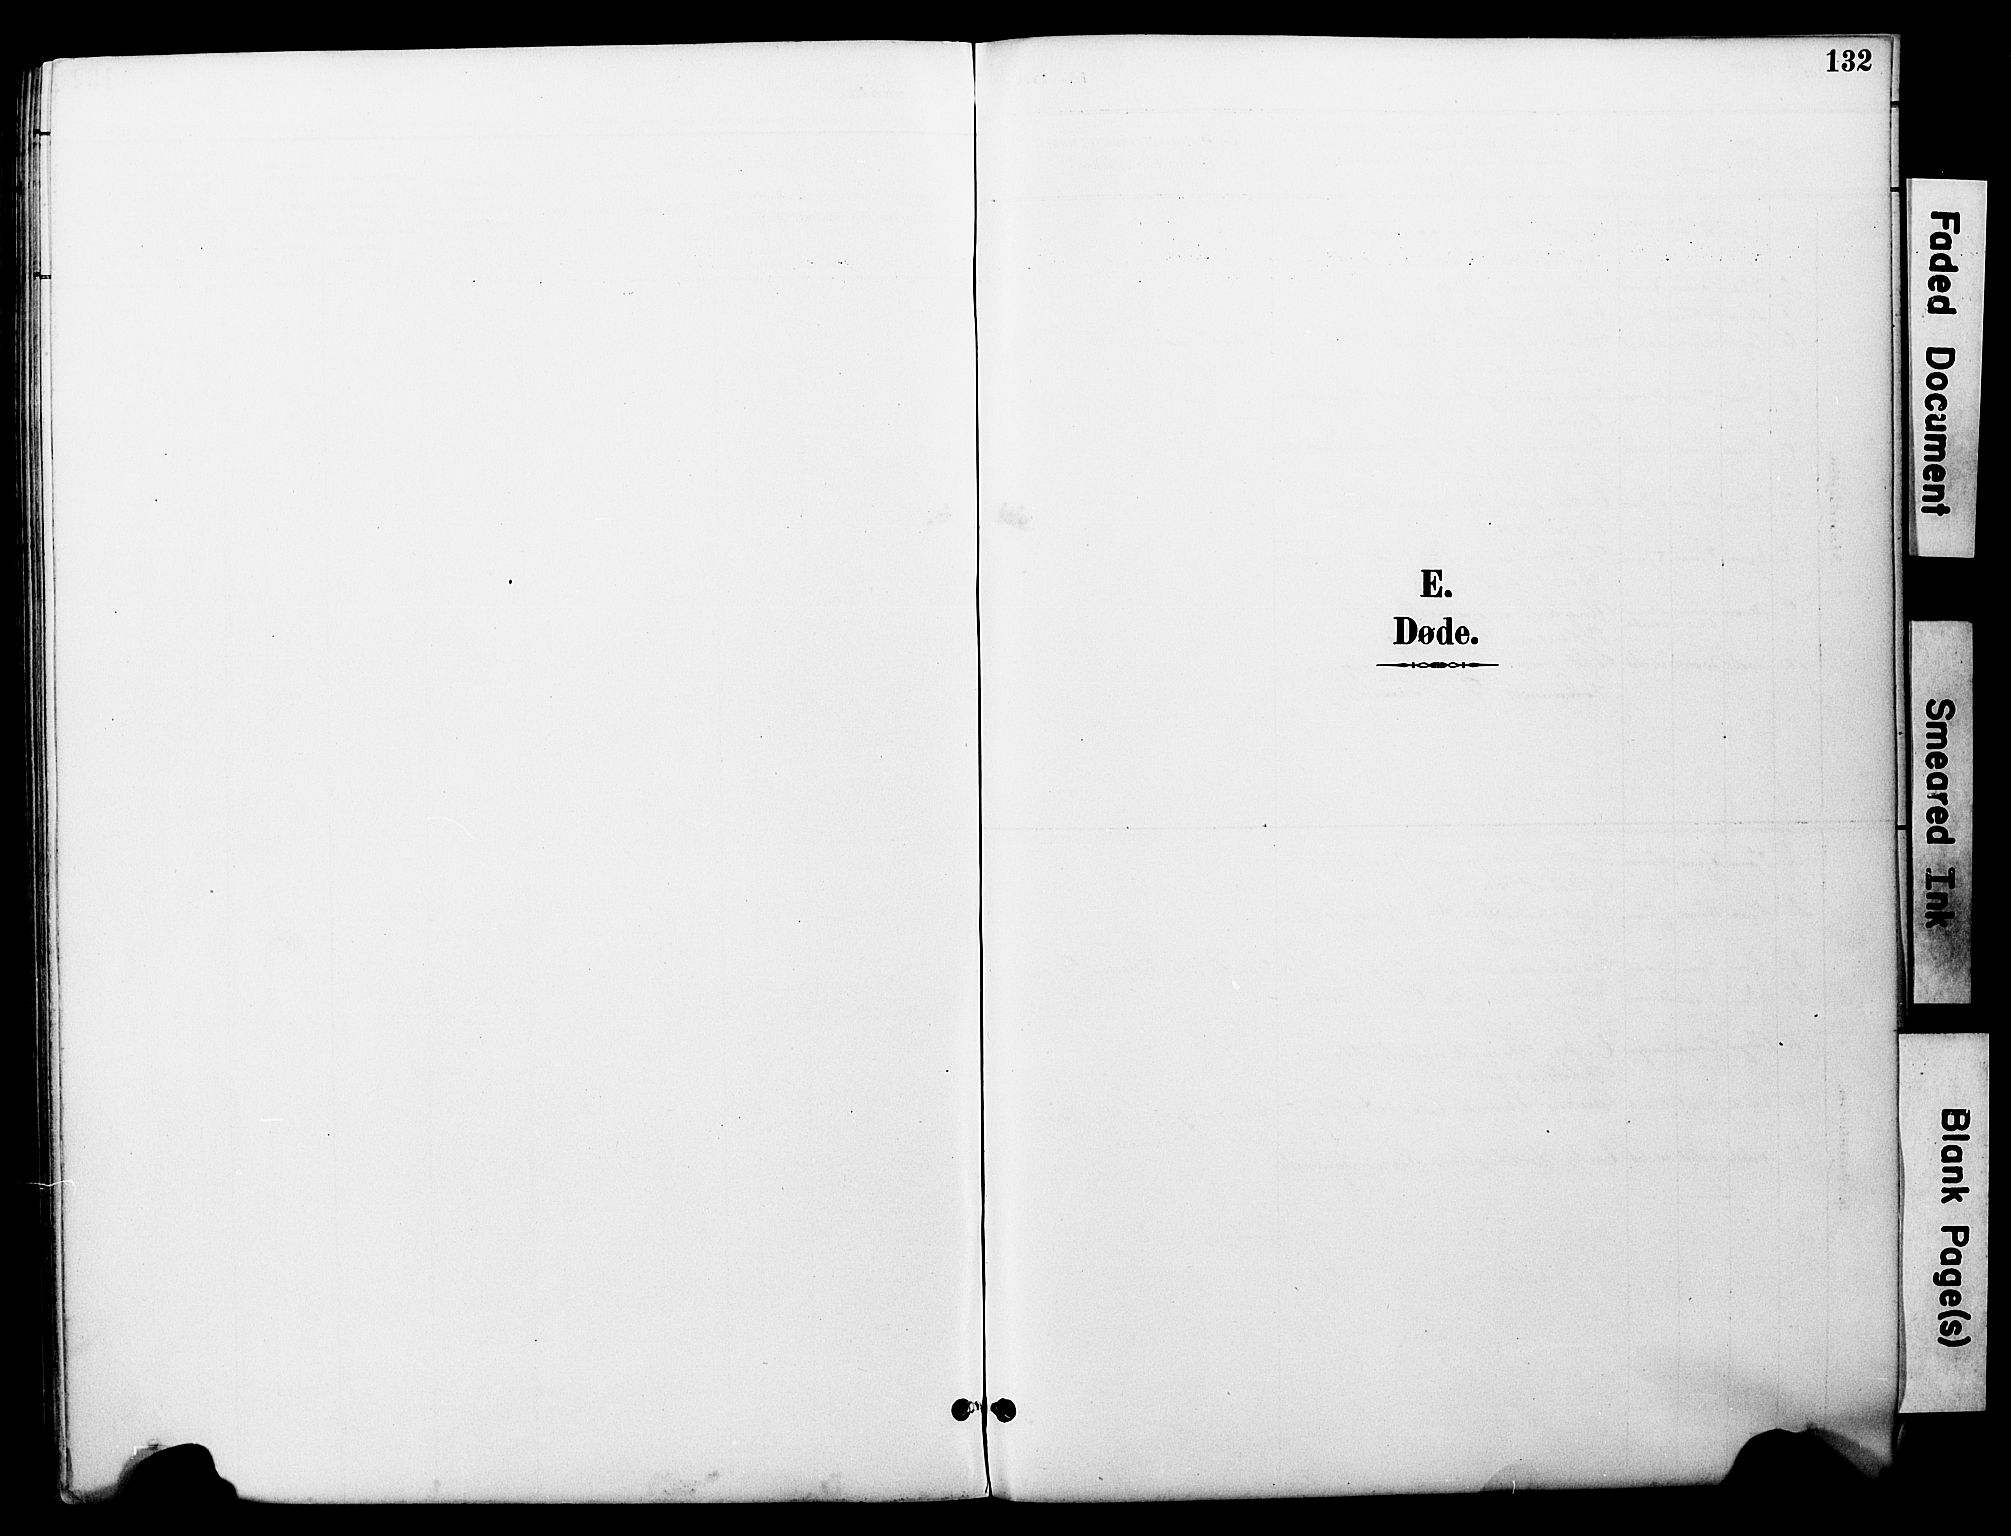 SAT, Ministerialprotokoller, klokkerbøker og fødselsregistre - Nord-Trøndelag, 722/L0226: Klokkerbok nr. 722C02, 1889-1927, s. 132